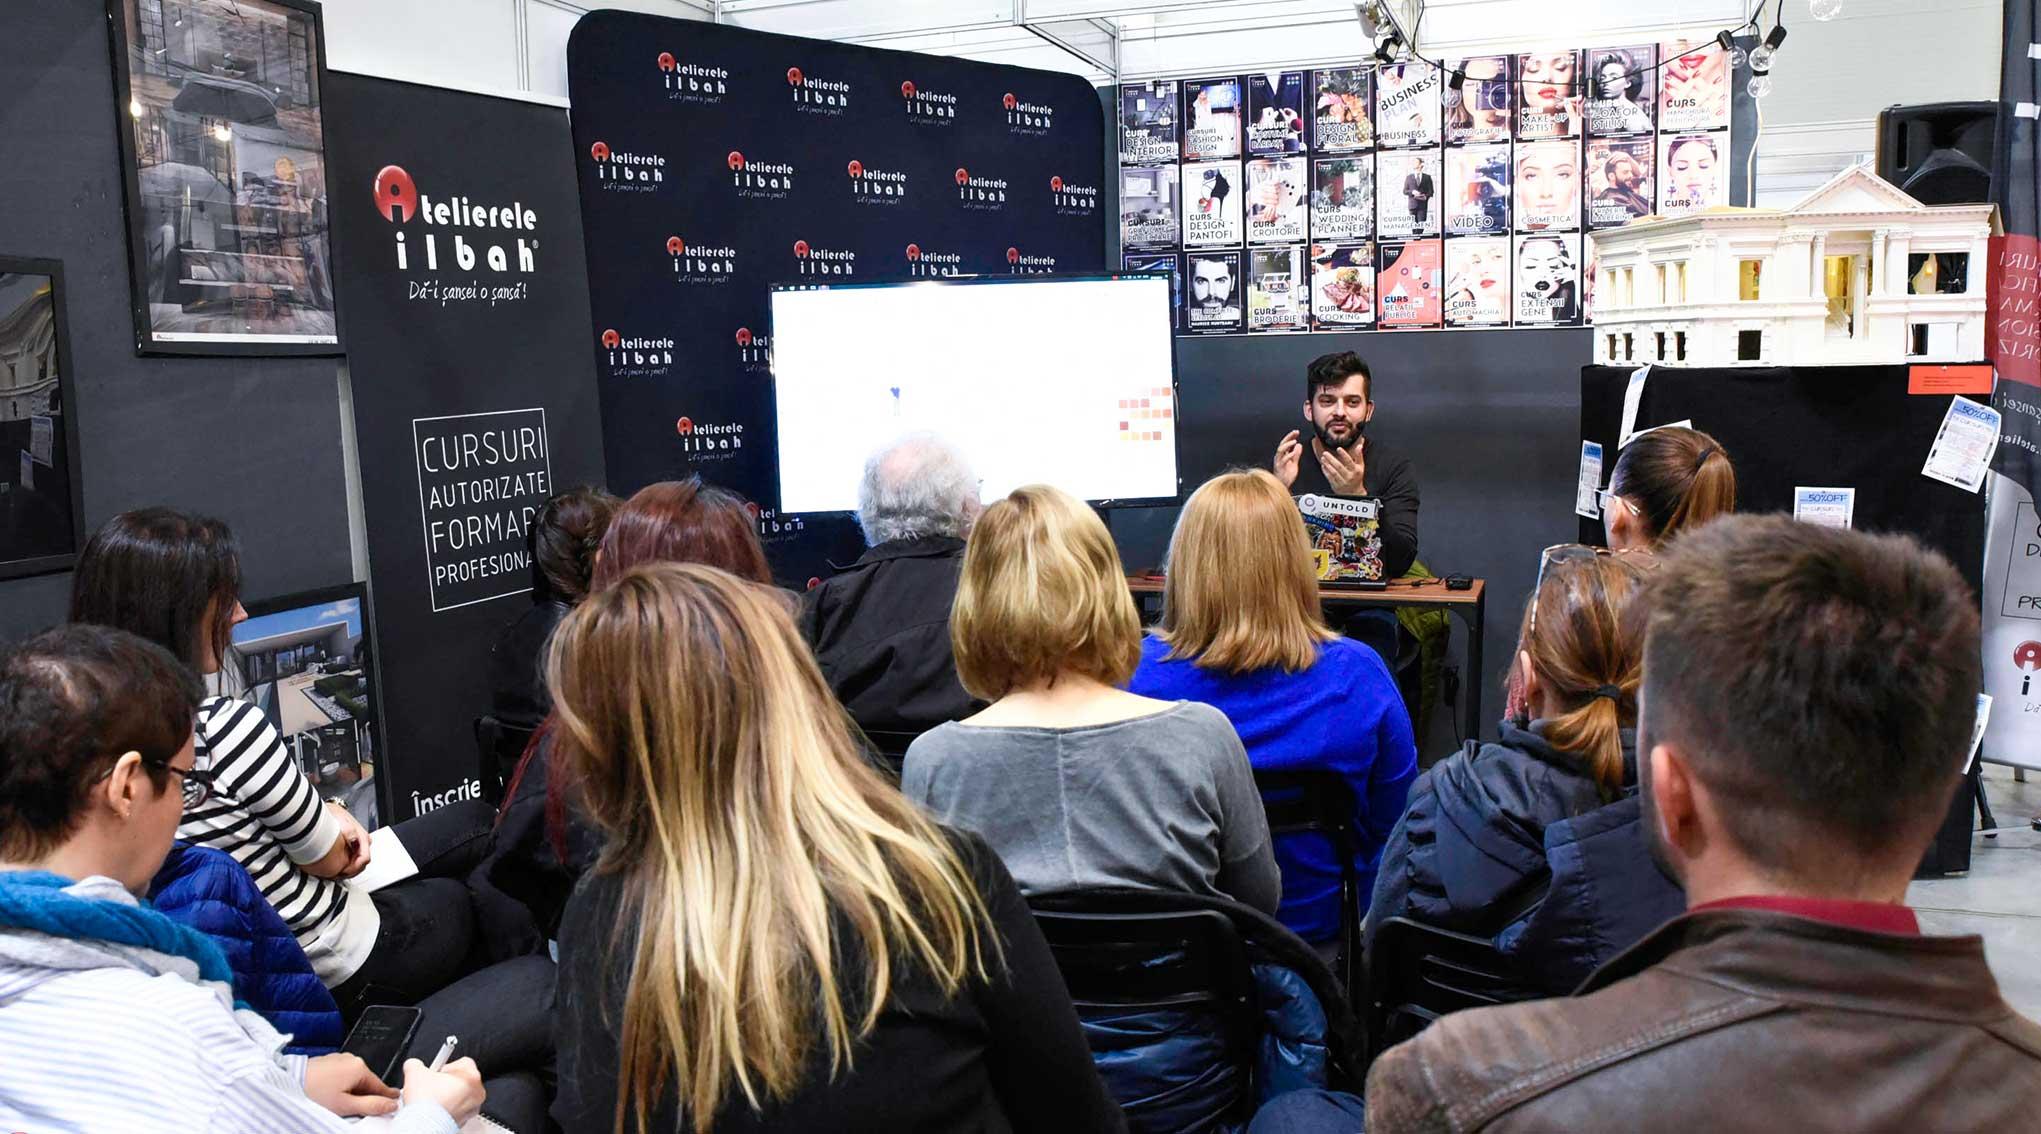 workshop-uri-demonstratii-si-conferinte-marca-atelierele-ilbah-pe-parcursul-a-4-zile-in-cadrul-romexpo-10